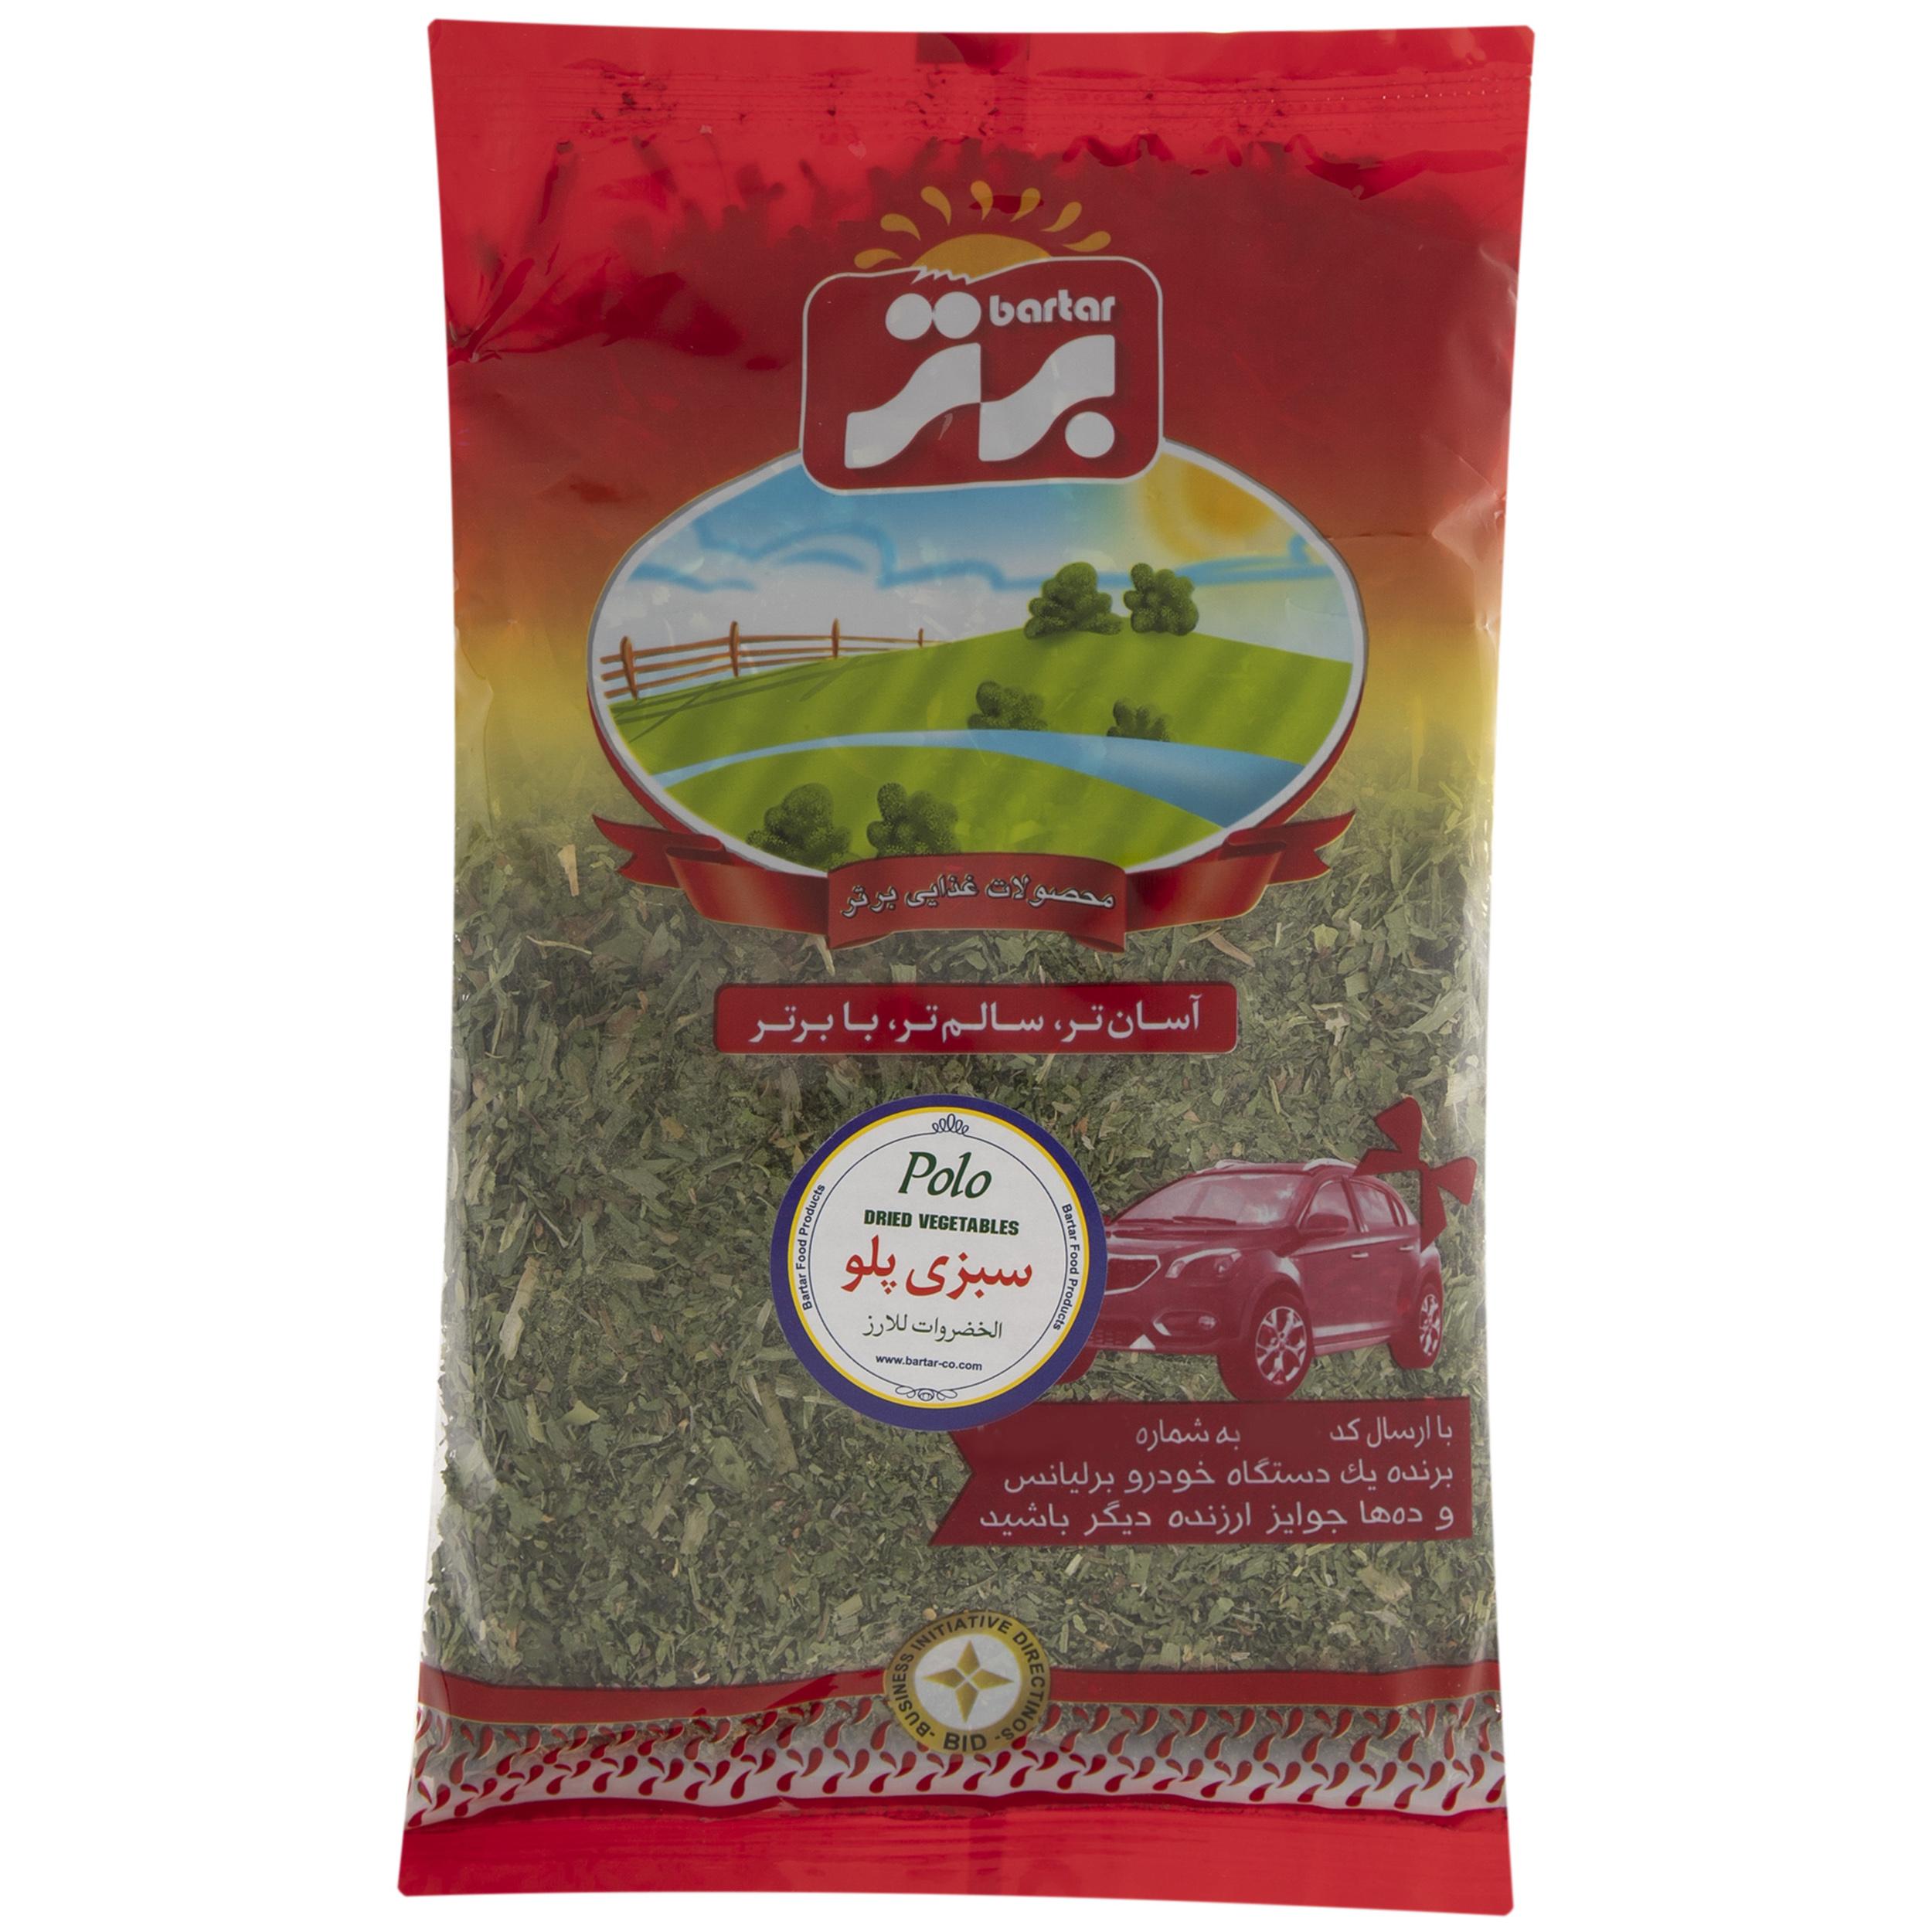 سبزی پلو خشک برتر مقدار 70 گرم